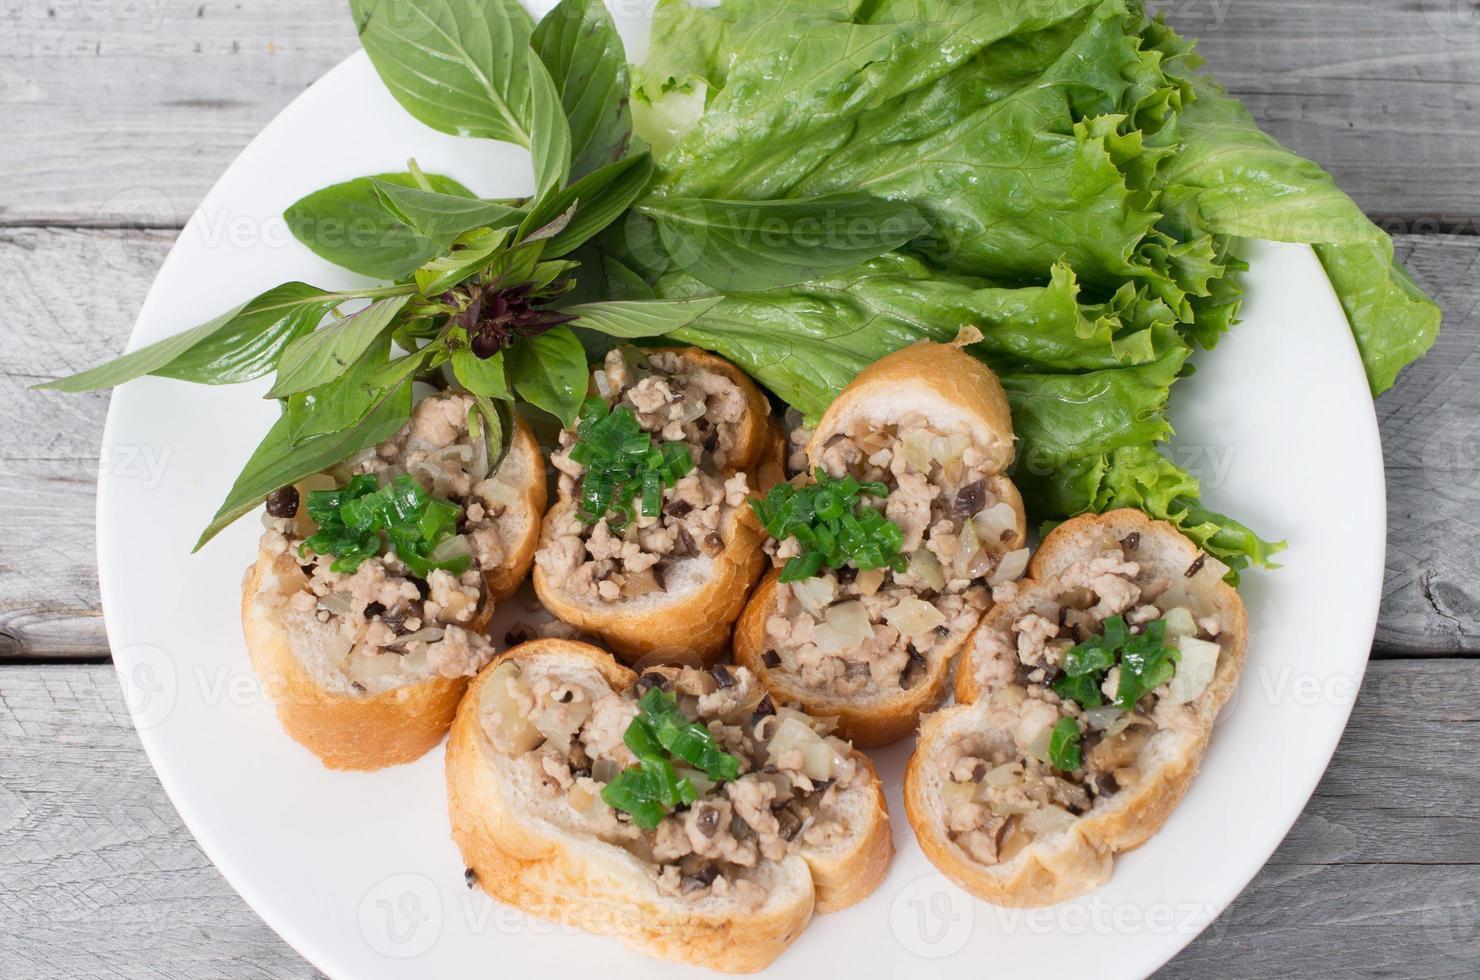 pane al vapore vietnamita con carne di maiale foto